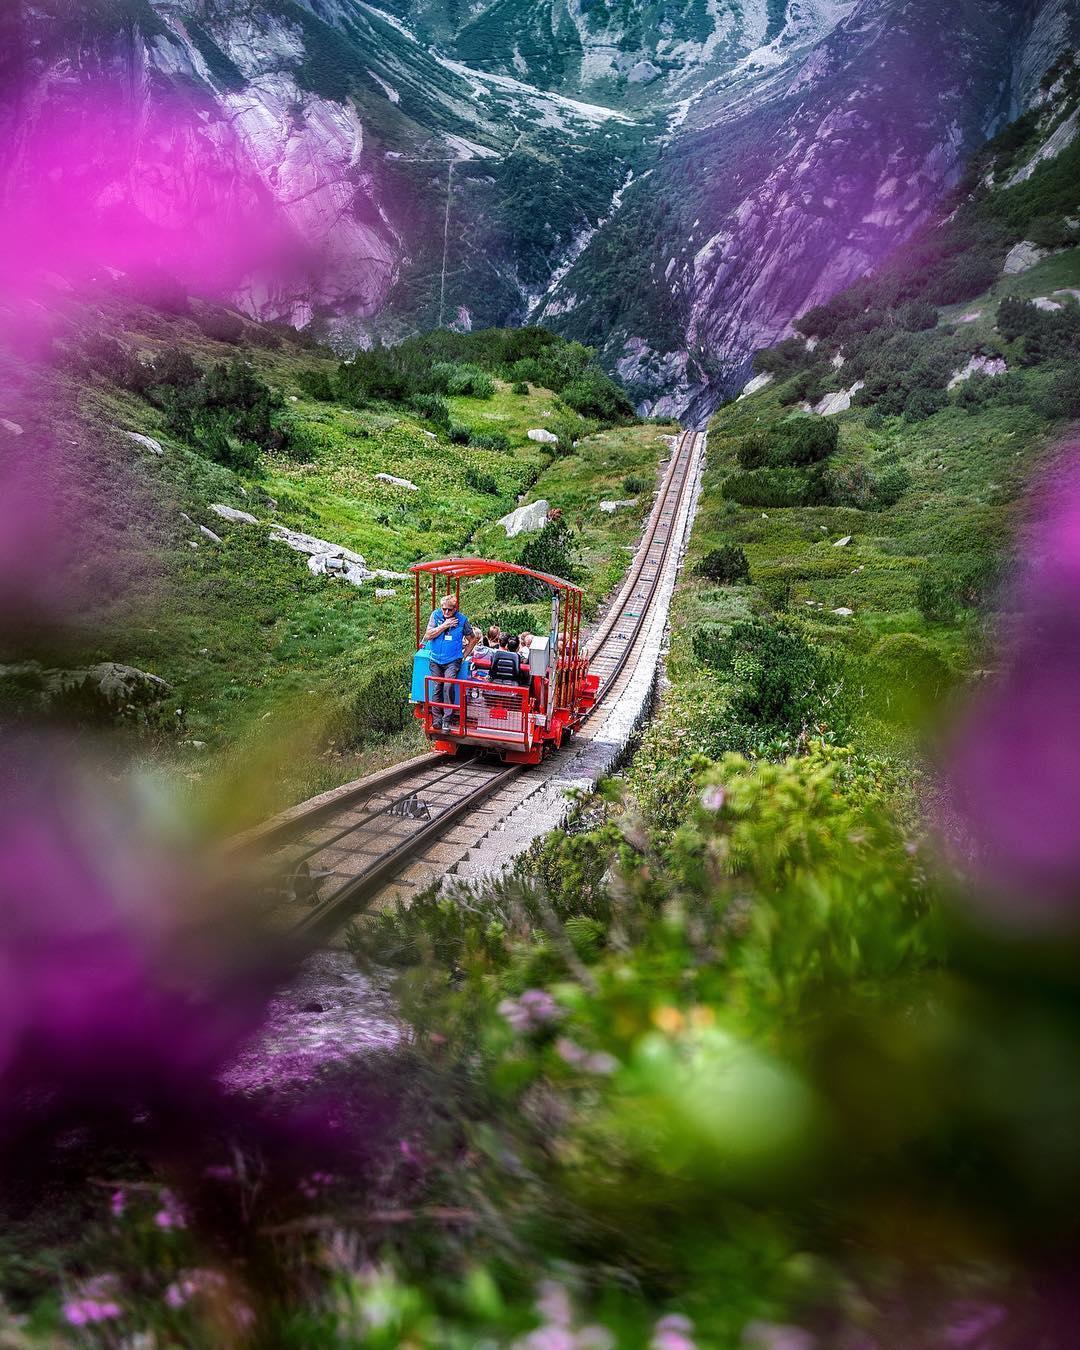 قطار الطبيعة